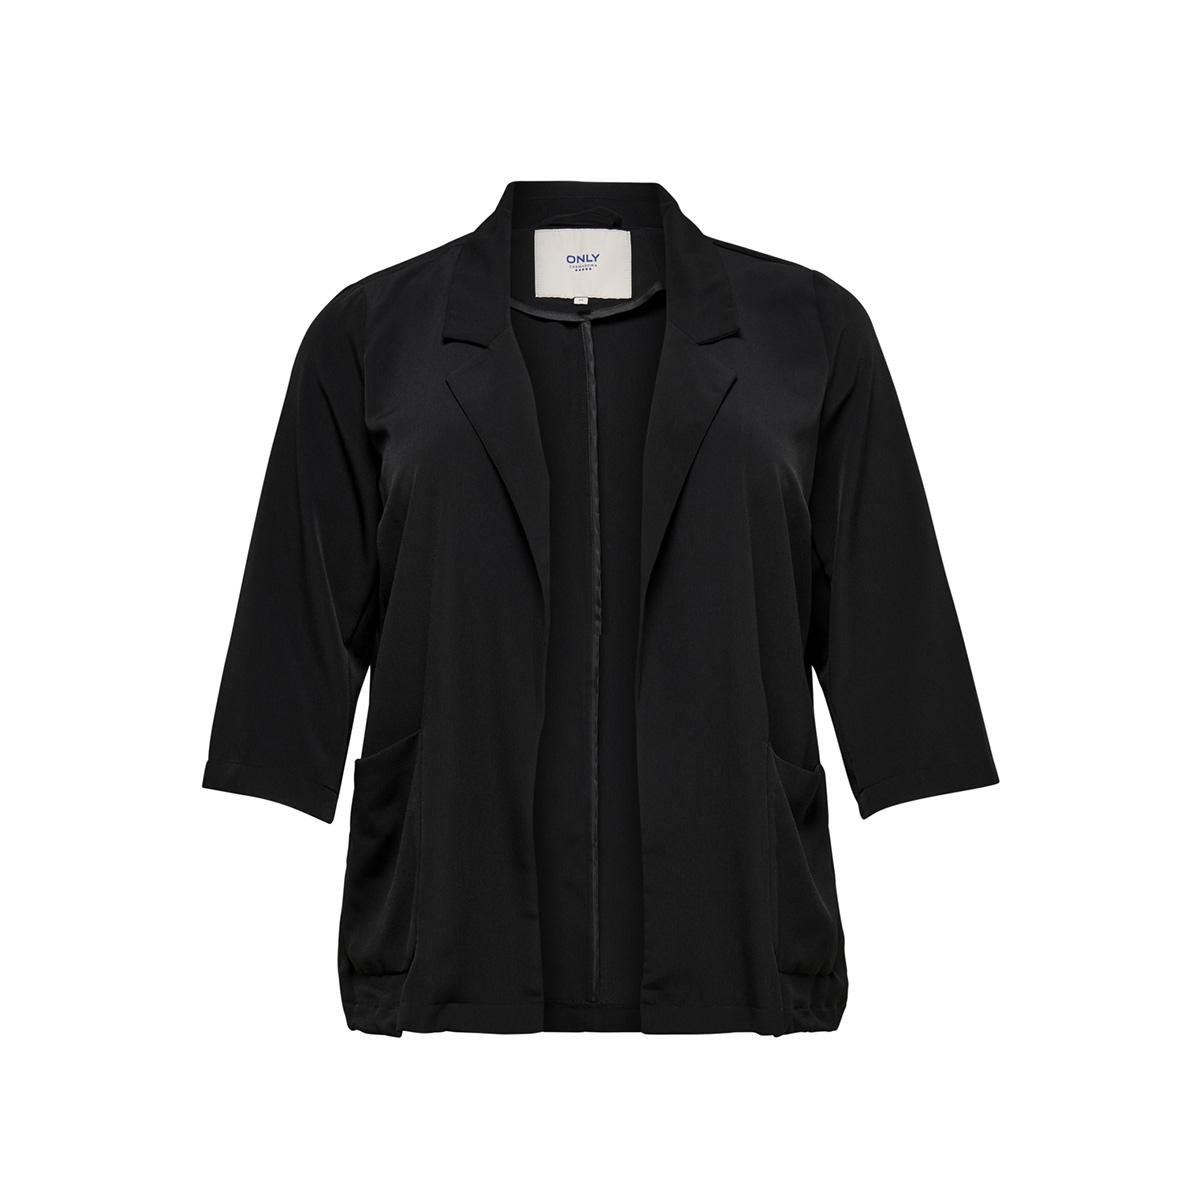 carbarbra 3/4 blazer 15167168 only carmakoma blazer black